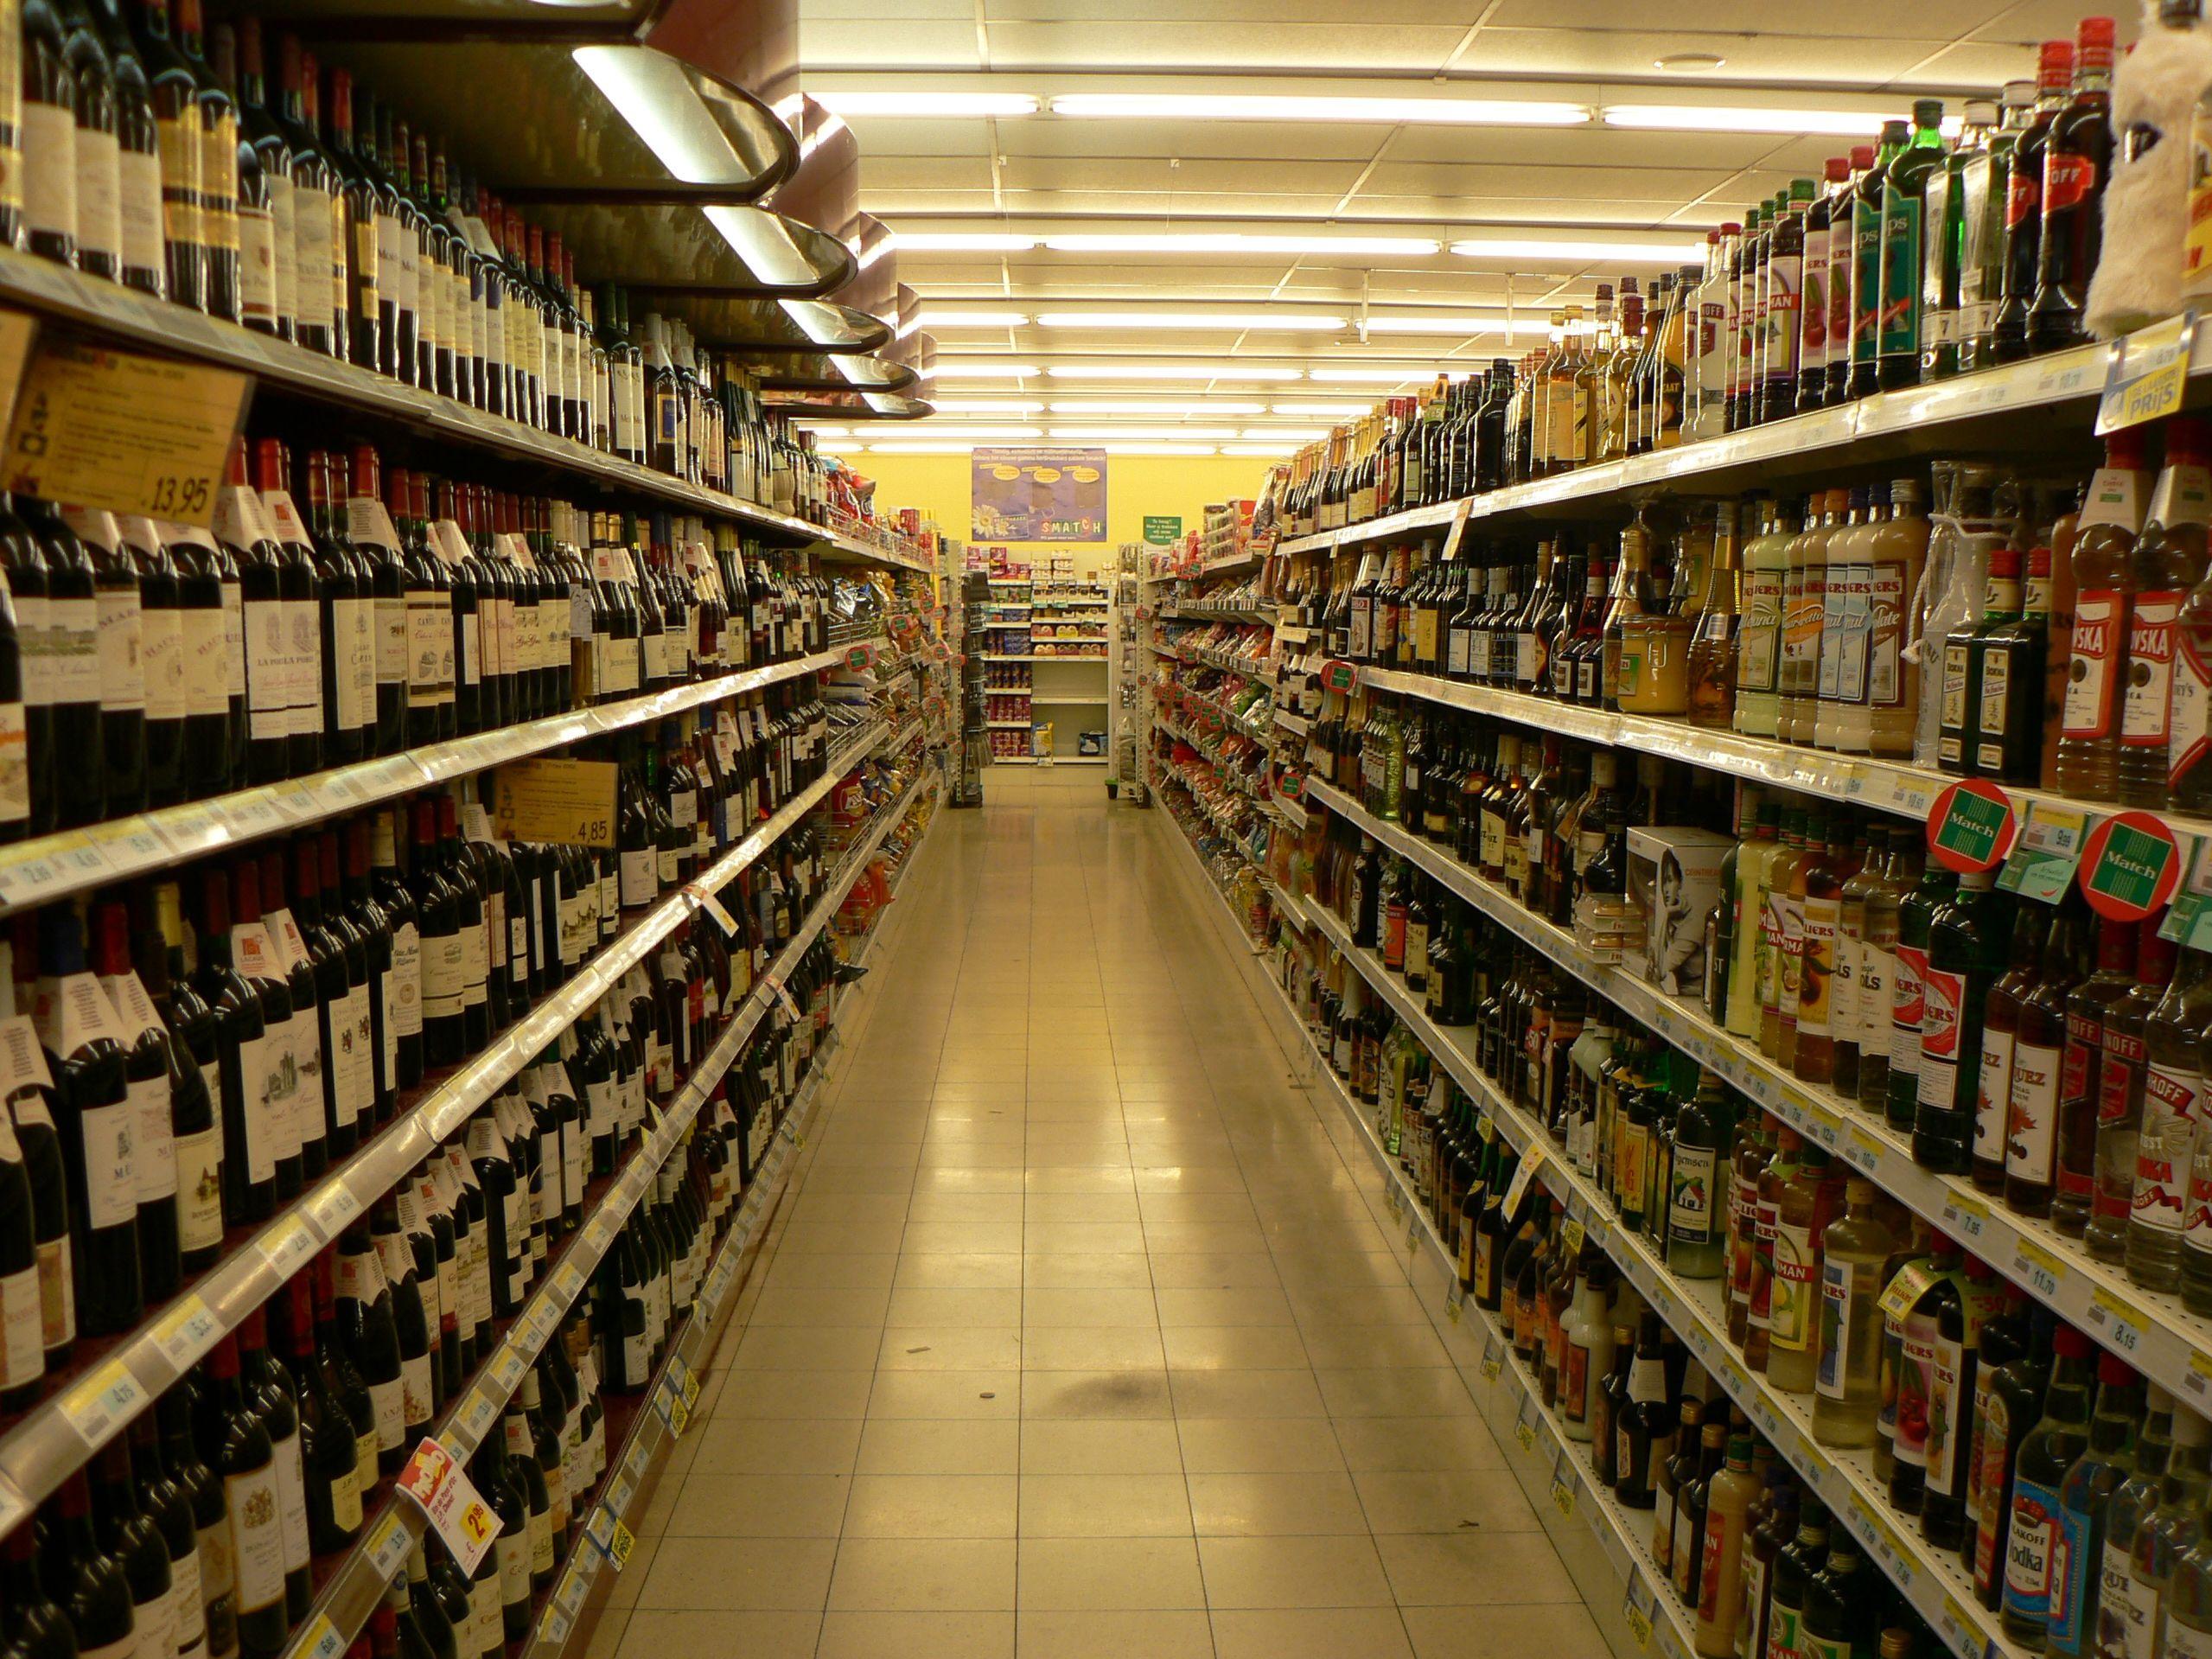 5b969f65b4a Супермаркет - Полная информация и онлайн-распродажа с бесплатной доставкой.  Возможность заказать по самой низкой цене и дешево купить в лучшем ...